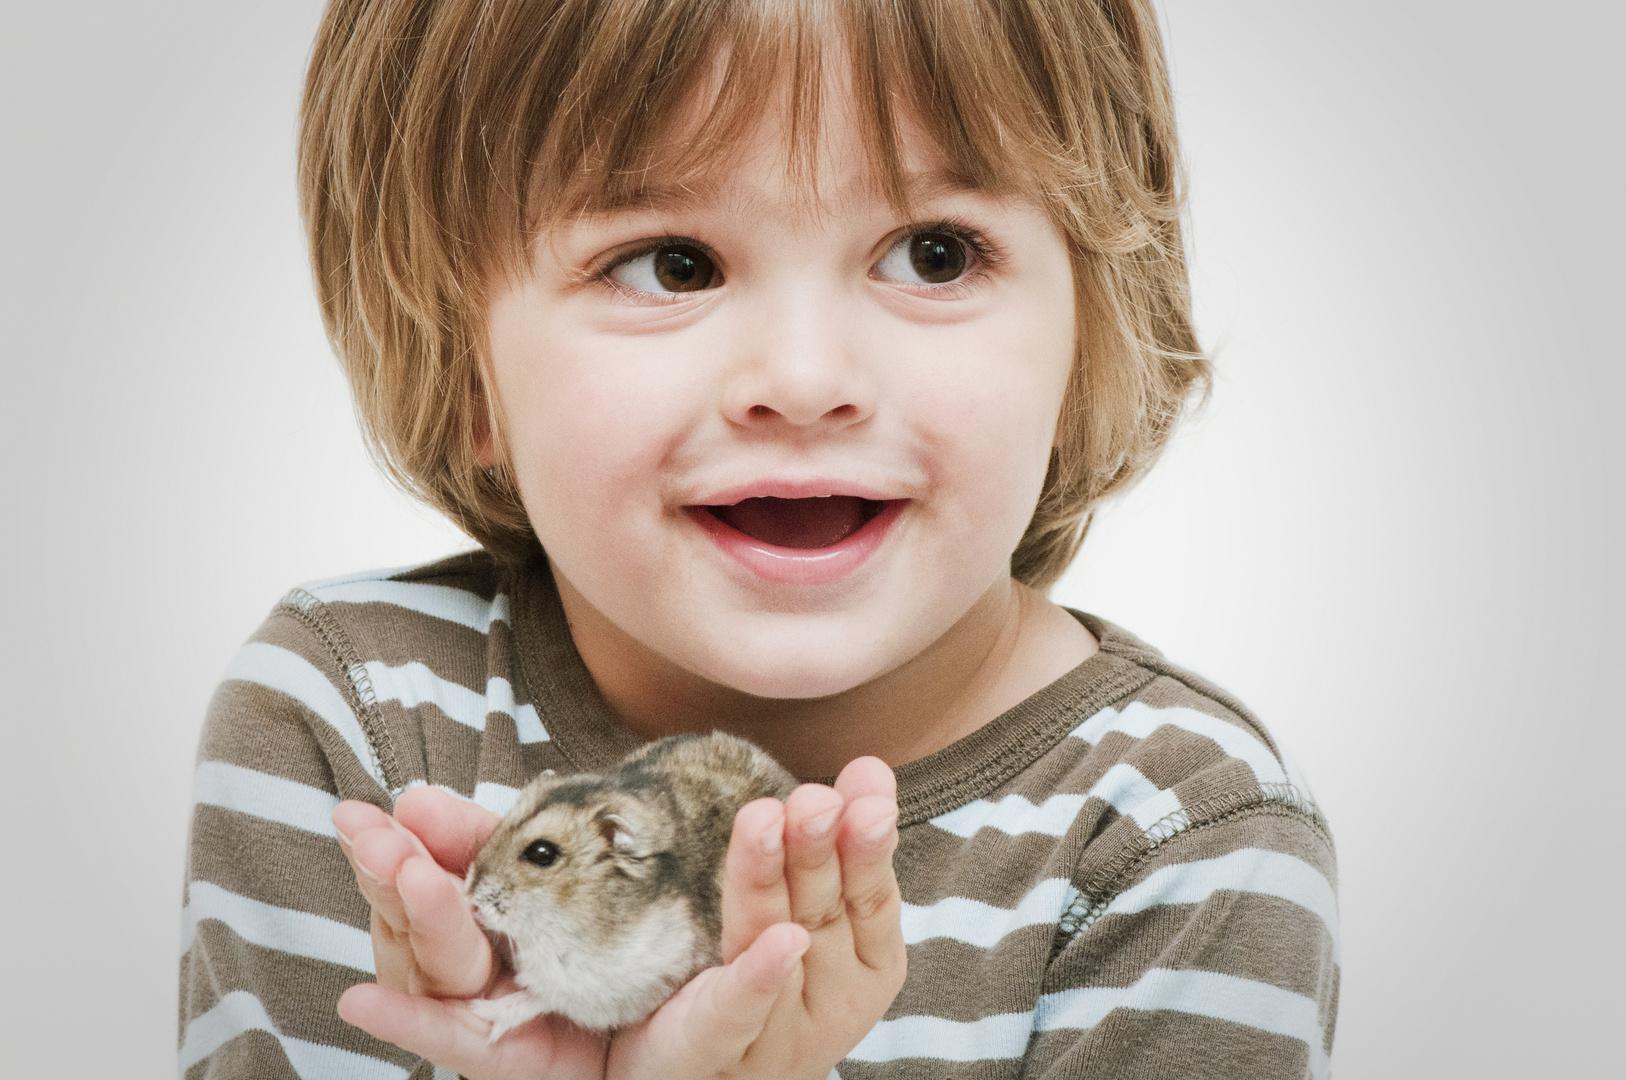 Das erste mal einen Hamster in den kleinen Händchen